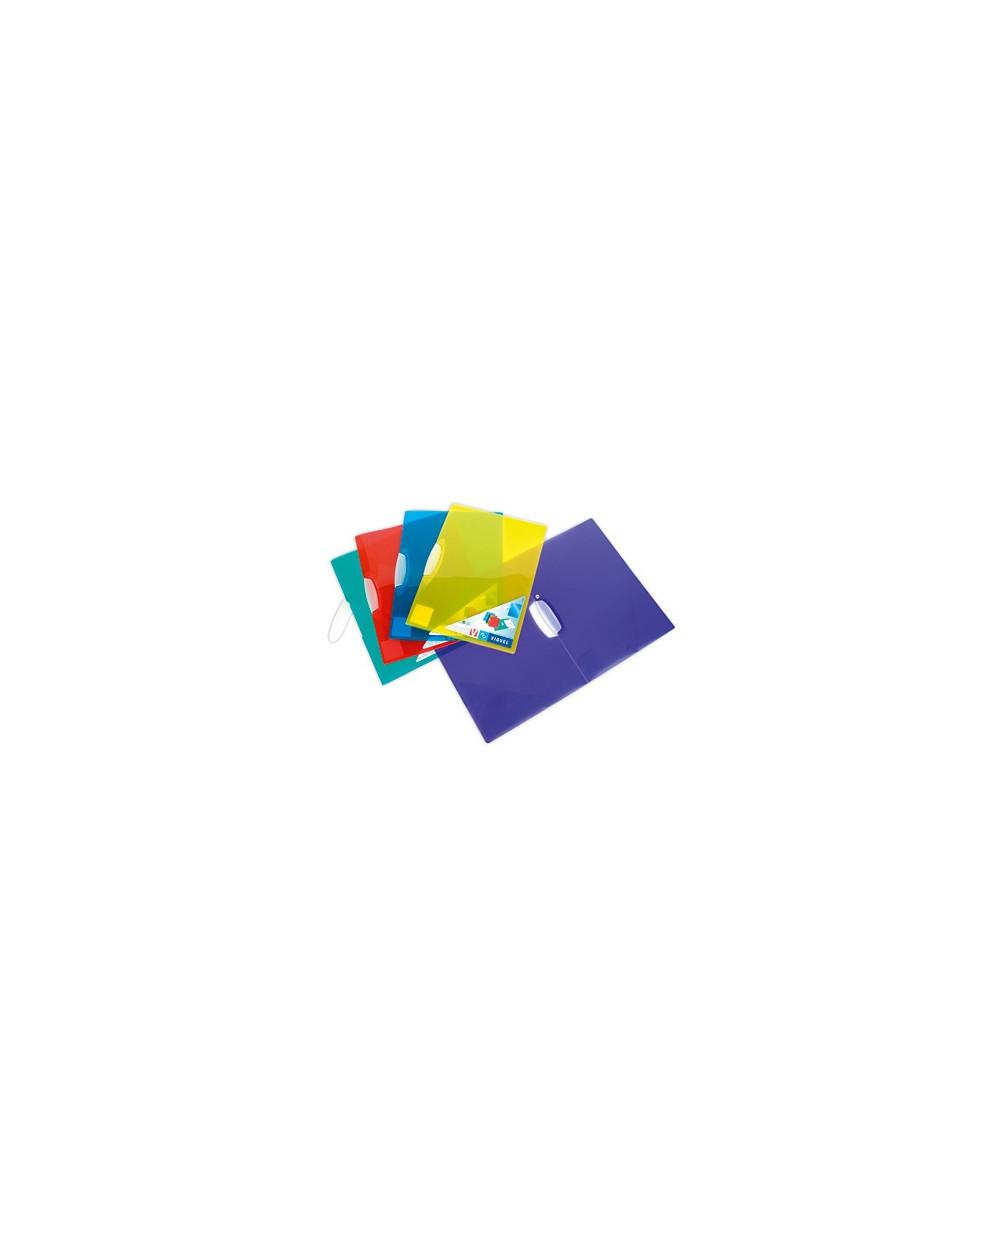 Папка VIQUEL с клип, V-CLIP, 30 листа, РР, цв.прозр., mix